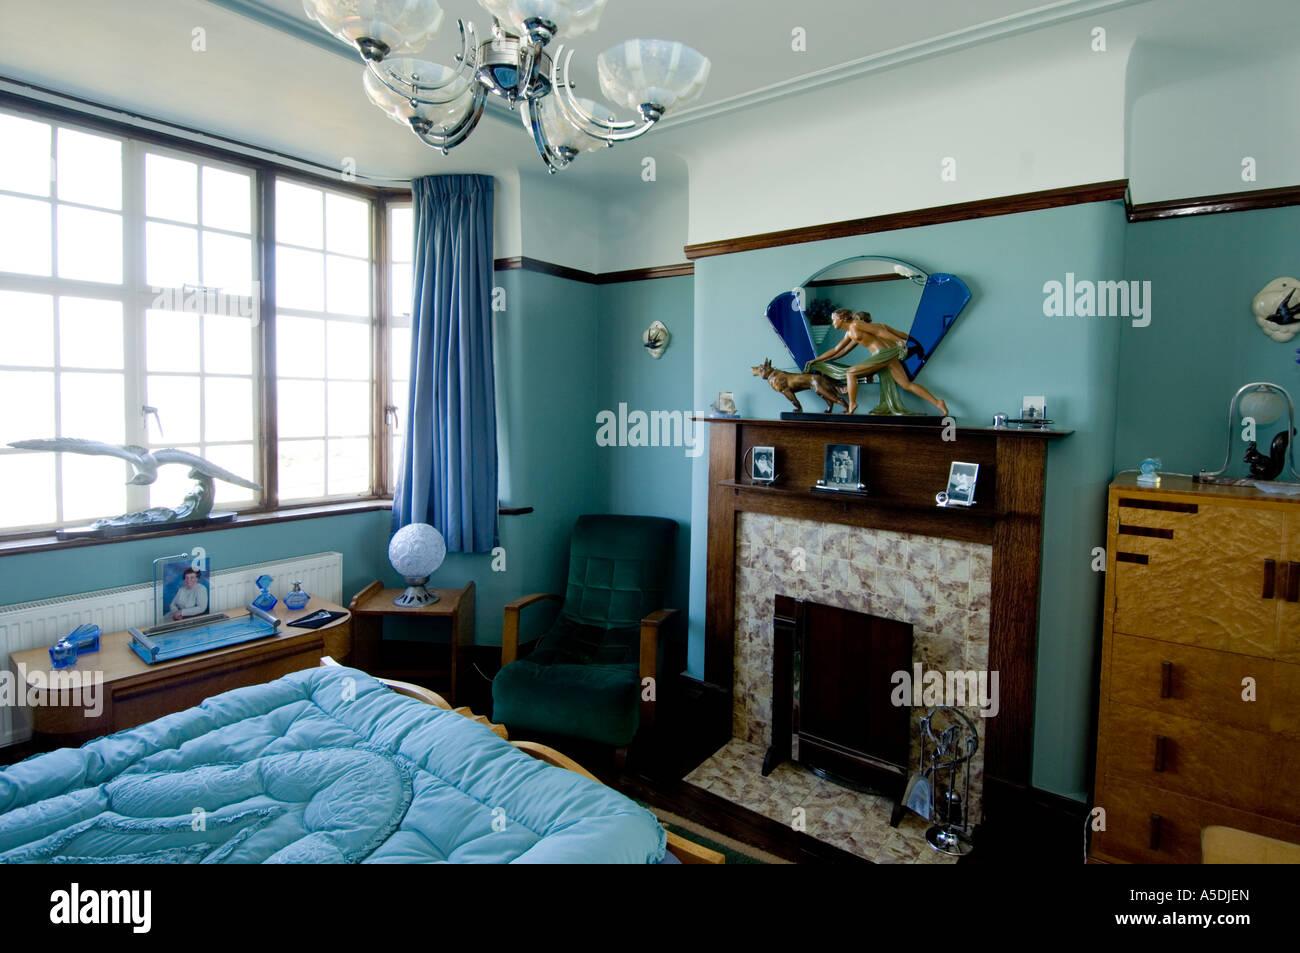 rénovation art deco art nouveau 1930 s chambre chambre intérieur